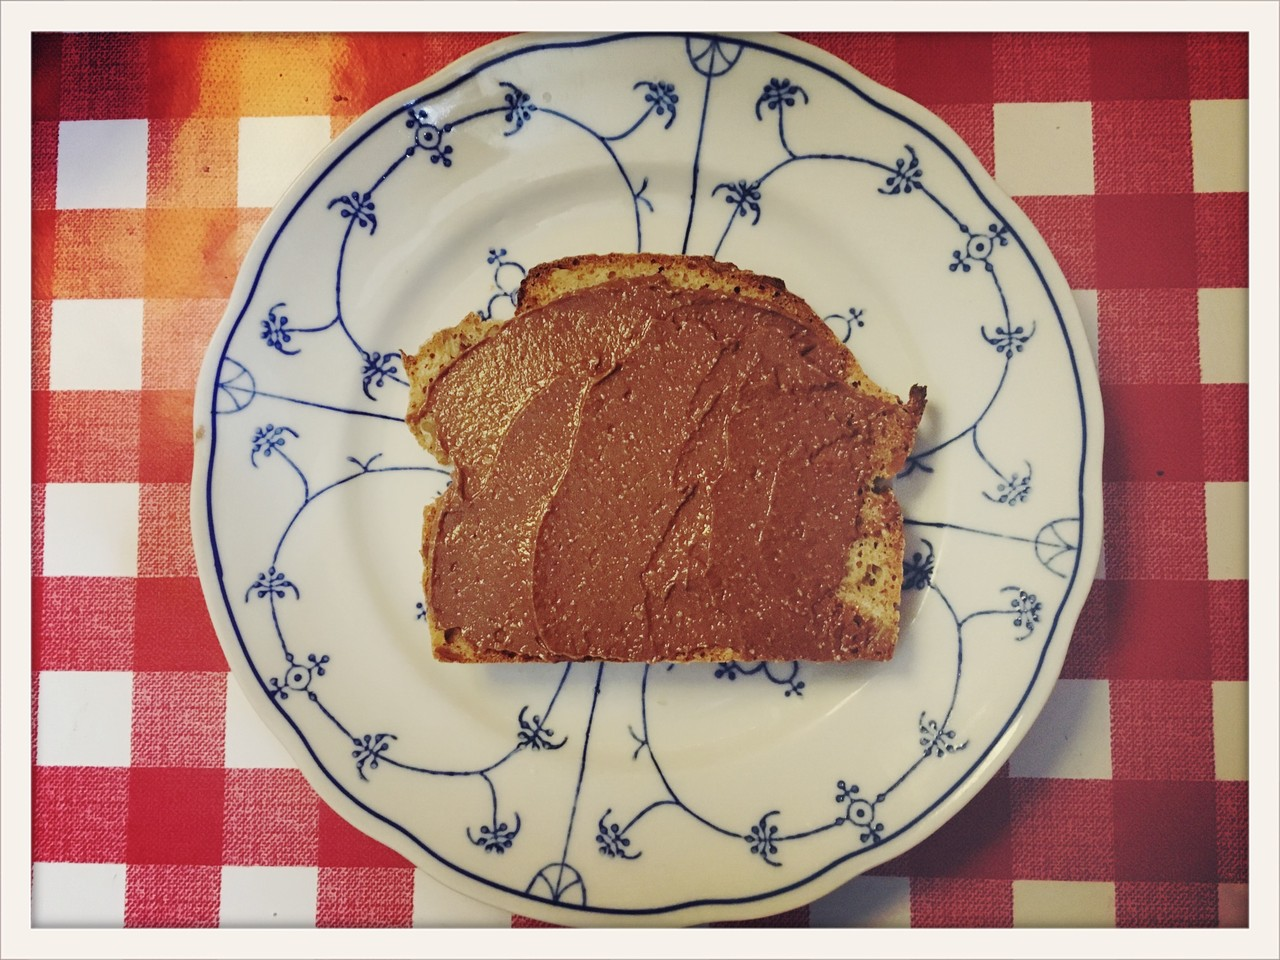 veganer Schokoladenaufstrich, vegane Cashewcreme, Cashewaufstrich, Schokoaufstrich, veganes Nutella